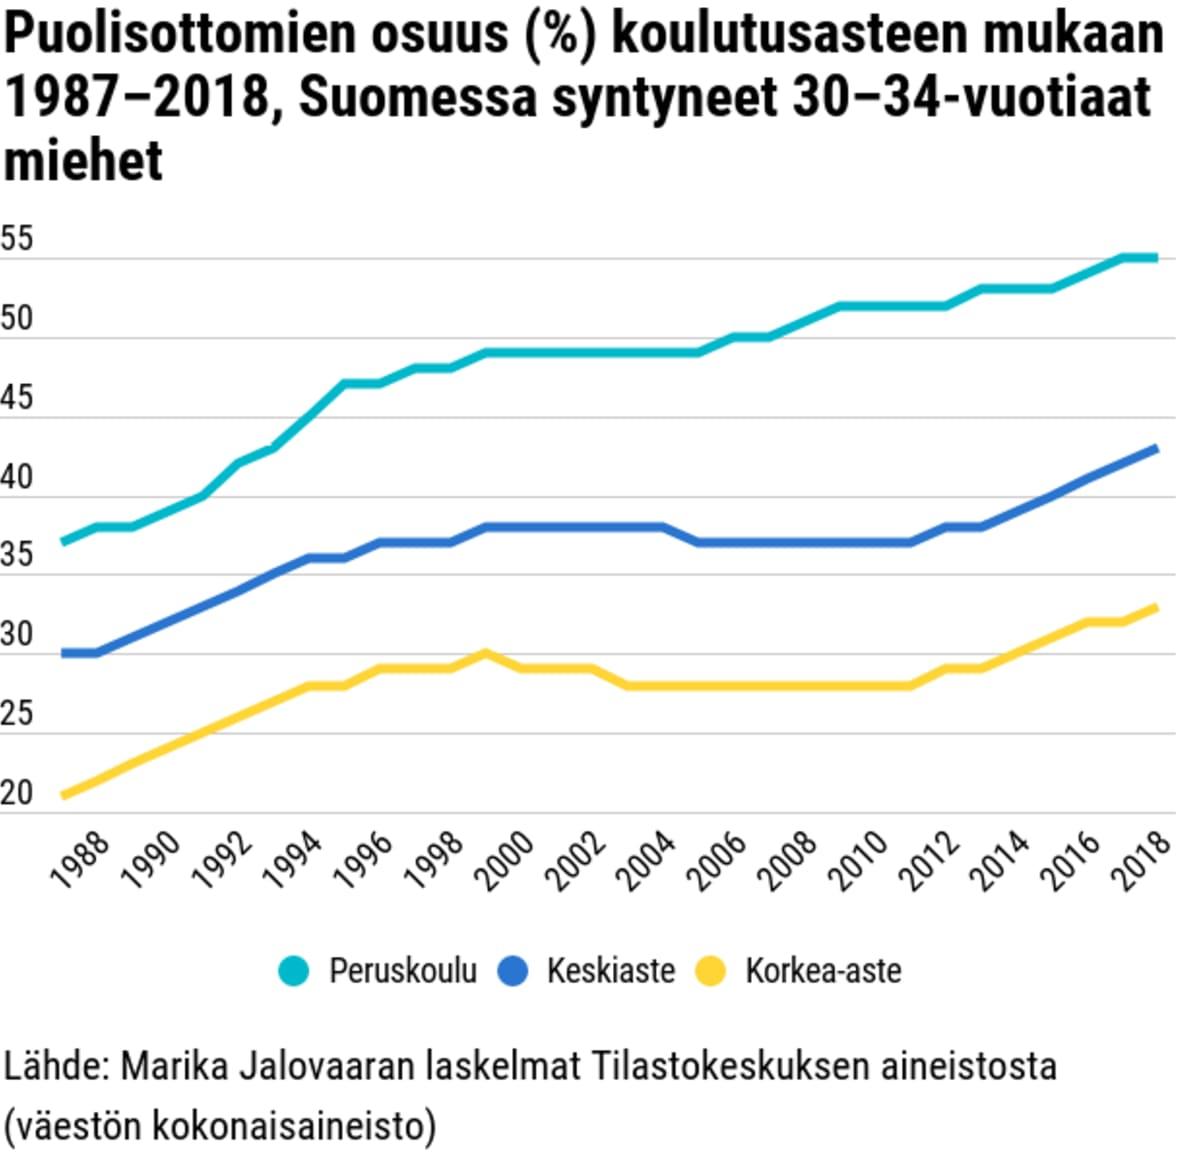 Puolisottomien osuus (%) koulutusasteen mukaan 1987–2018, Suomessa syntyneet 30–34-vuotiaat miehet